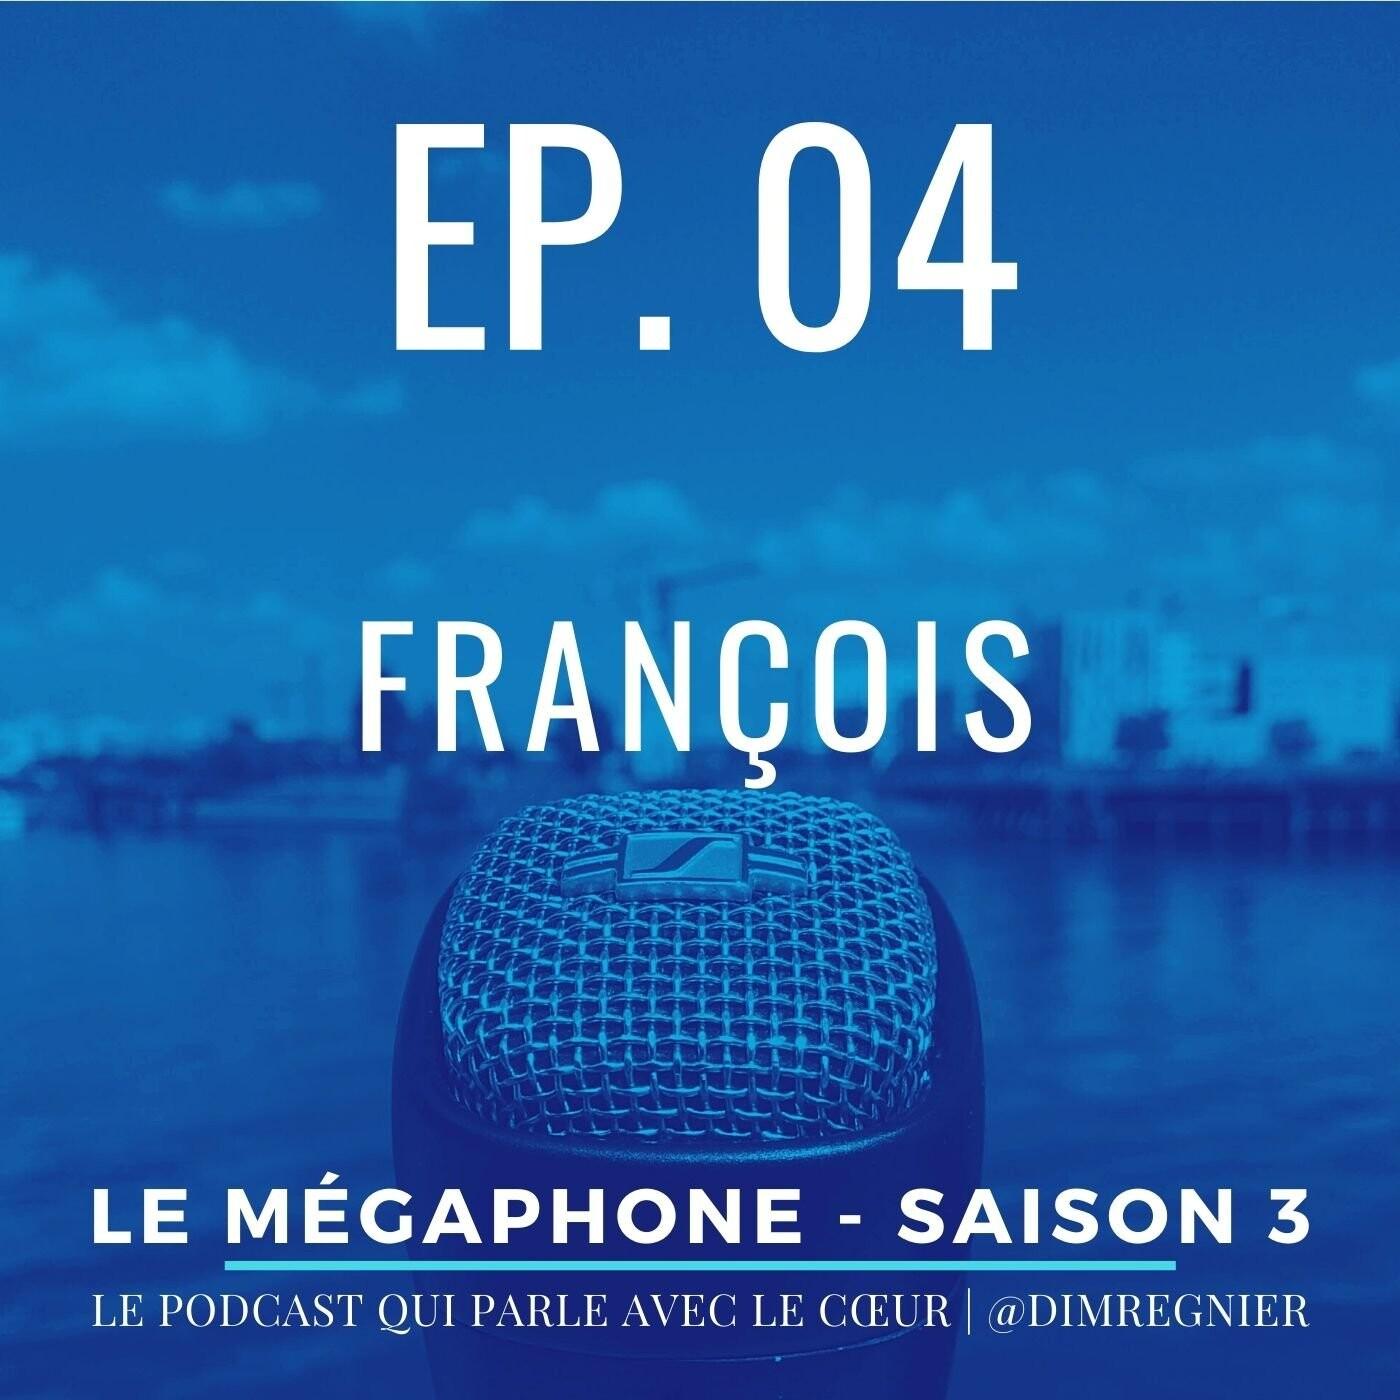 Ép. 04 - François